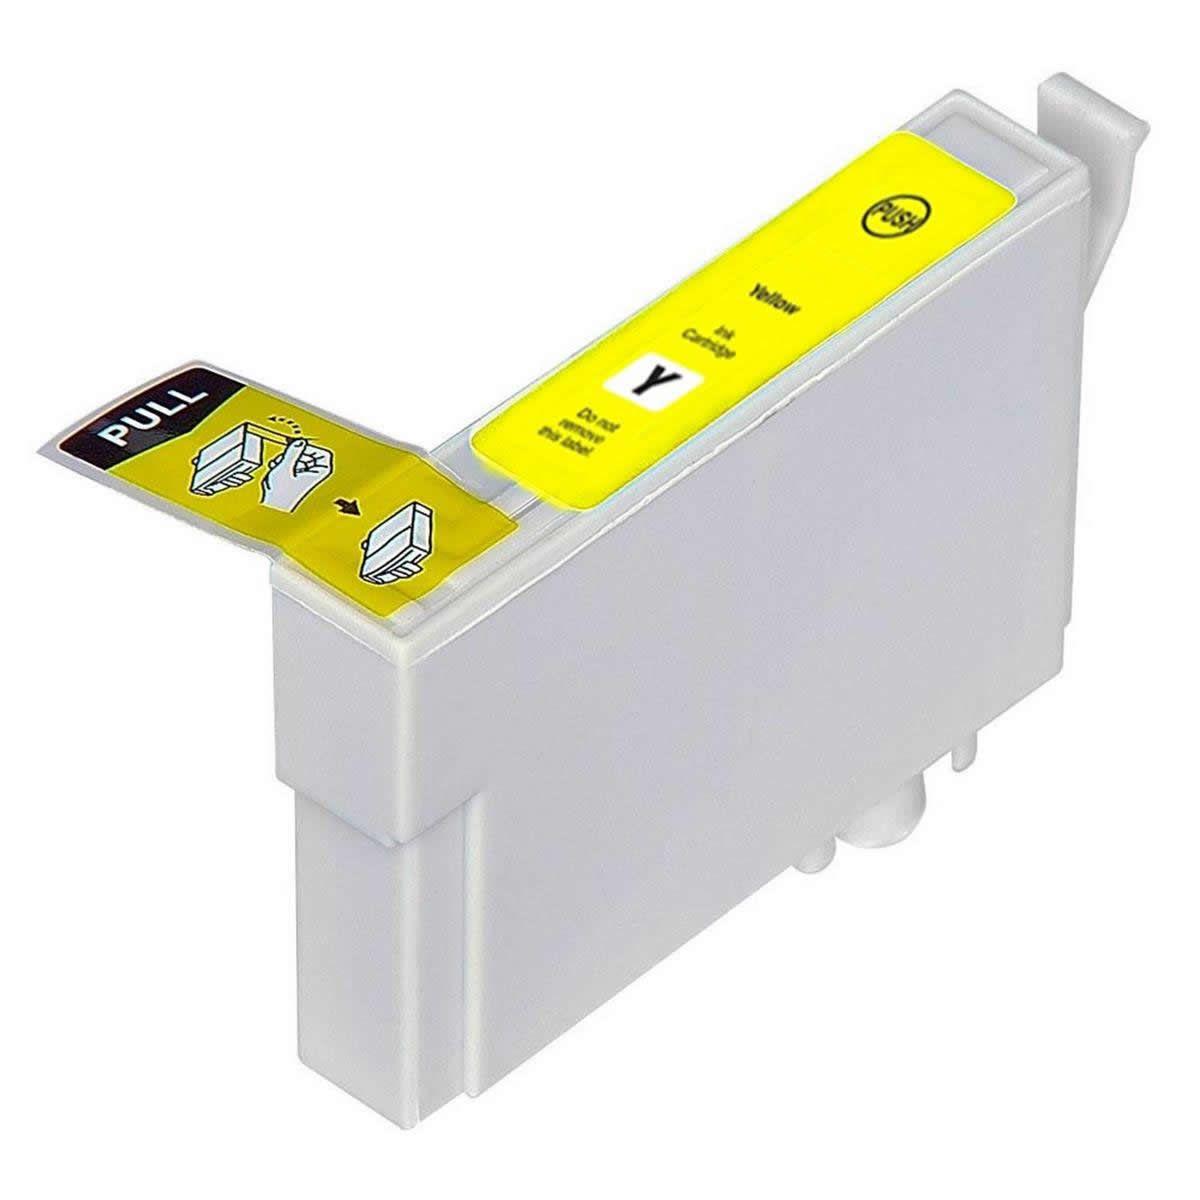 Cartucho TO824 Amarelo Compatível para Epson T50 R270 R390 RX590